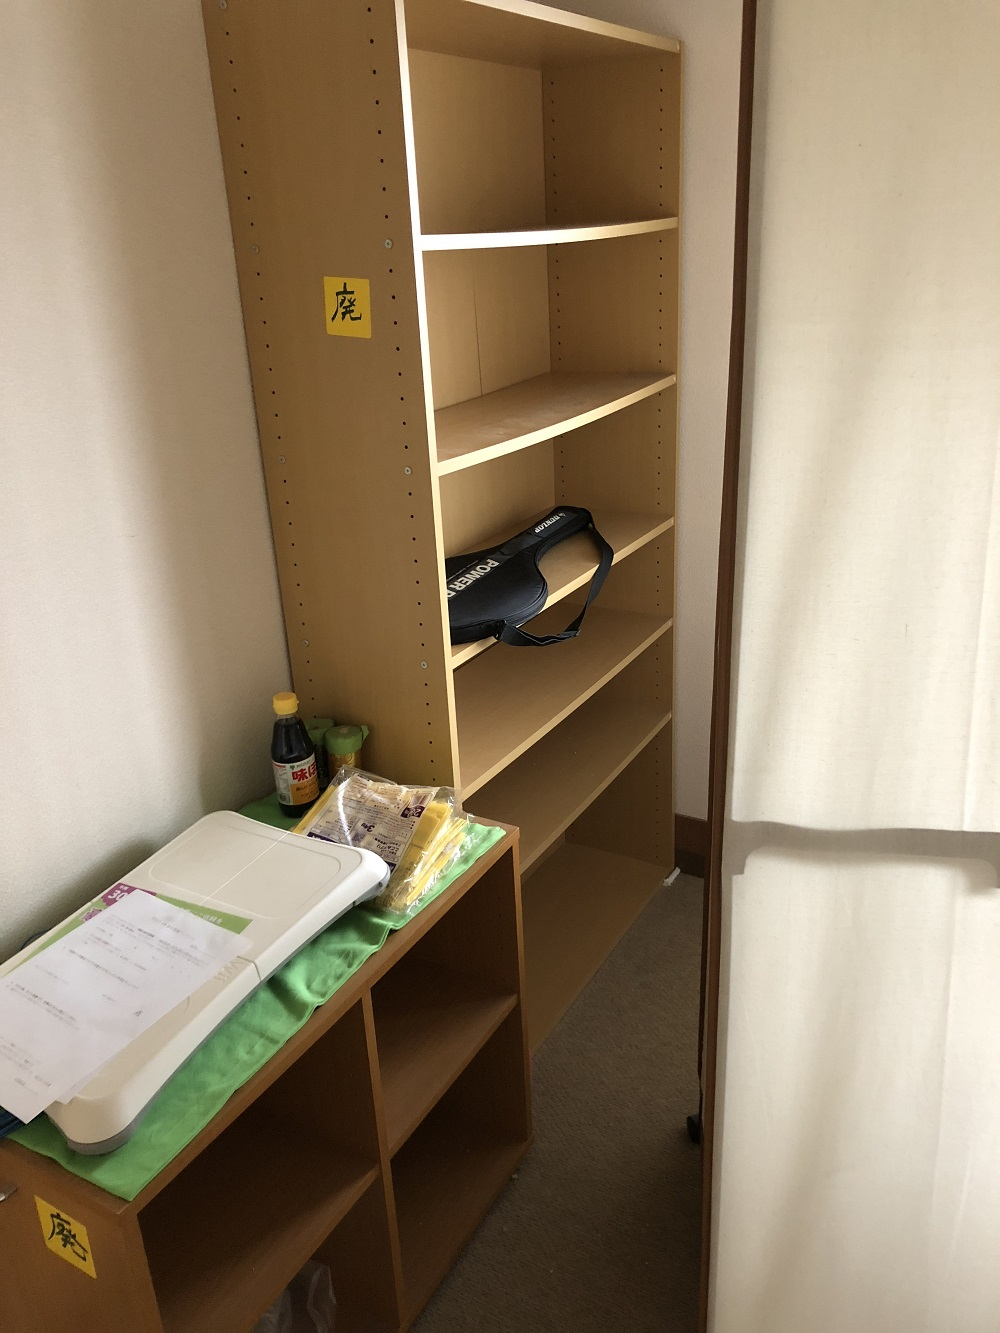 銚子市で不用品(本棚、ウレタンマットレス、折り畳みベッド、シングルベッド枠など)処分ご依頼 お客様の声